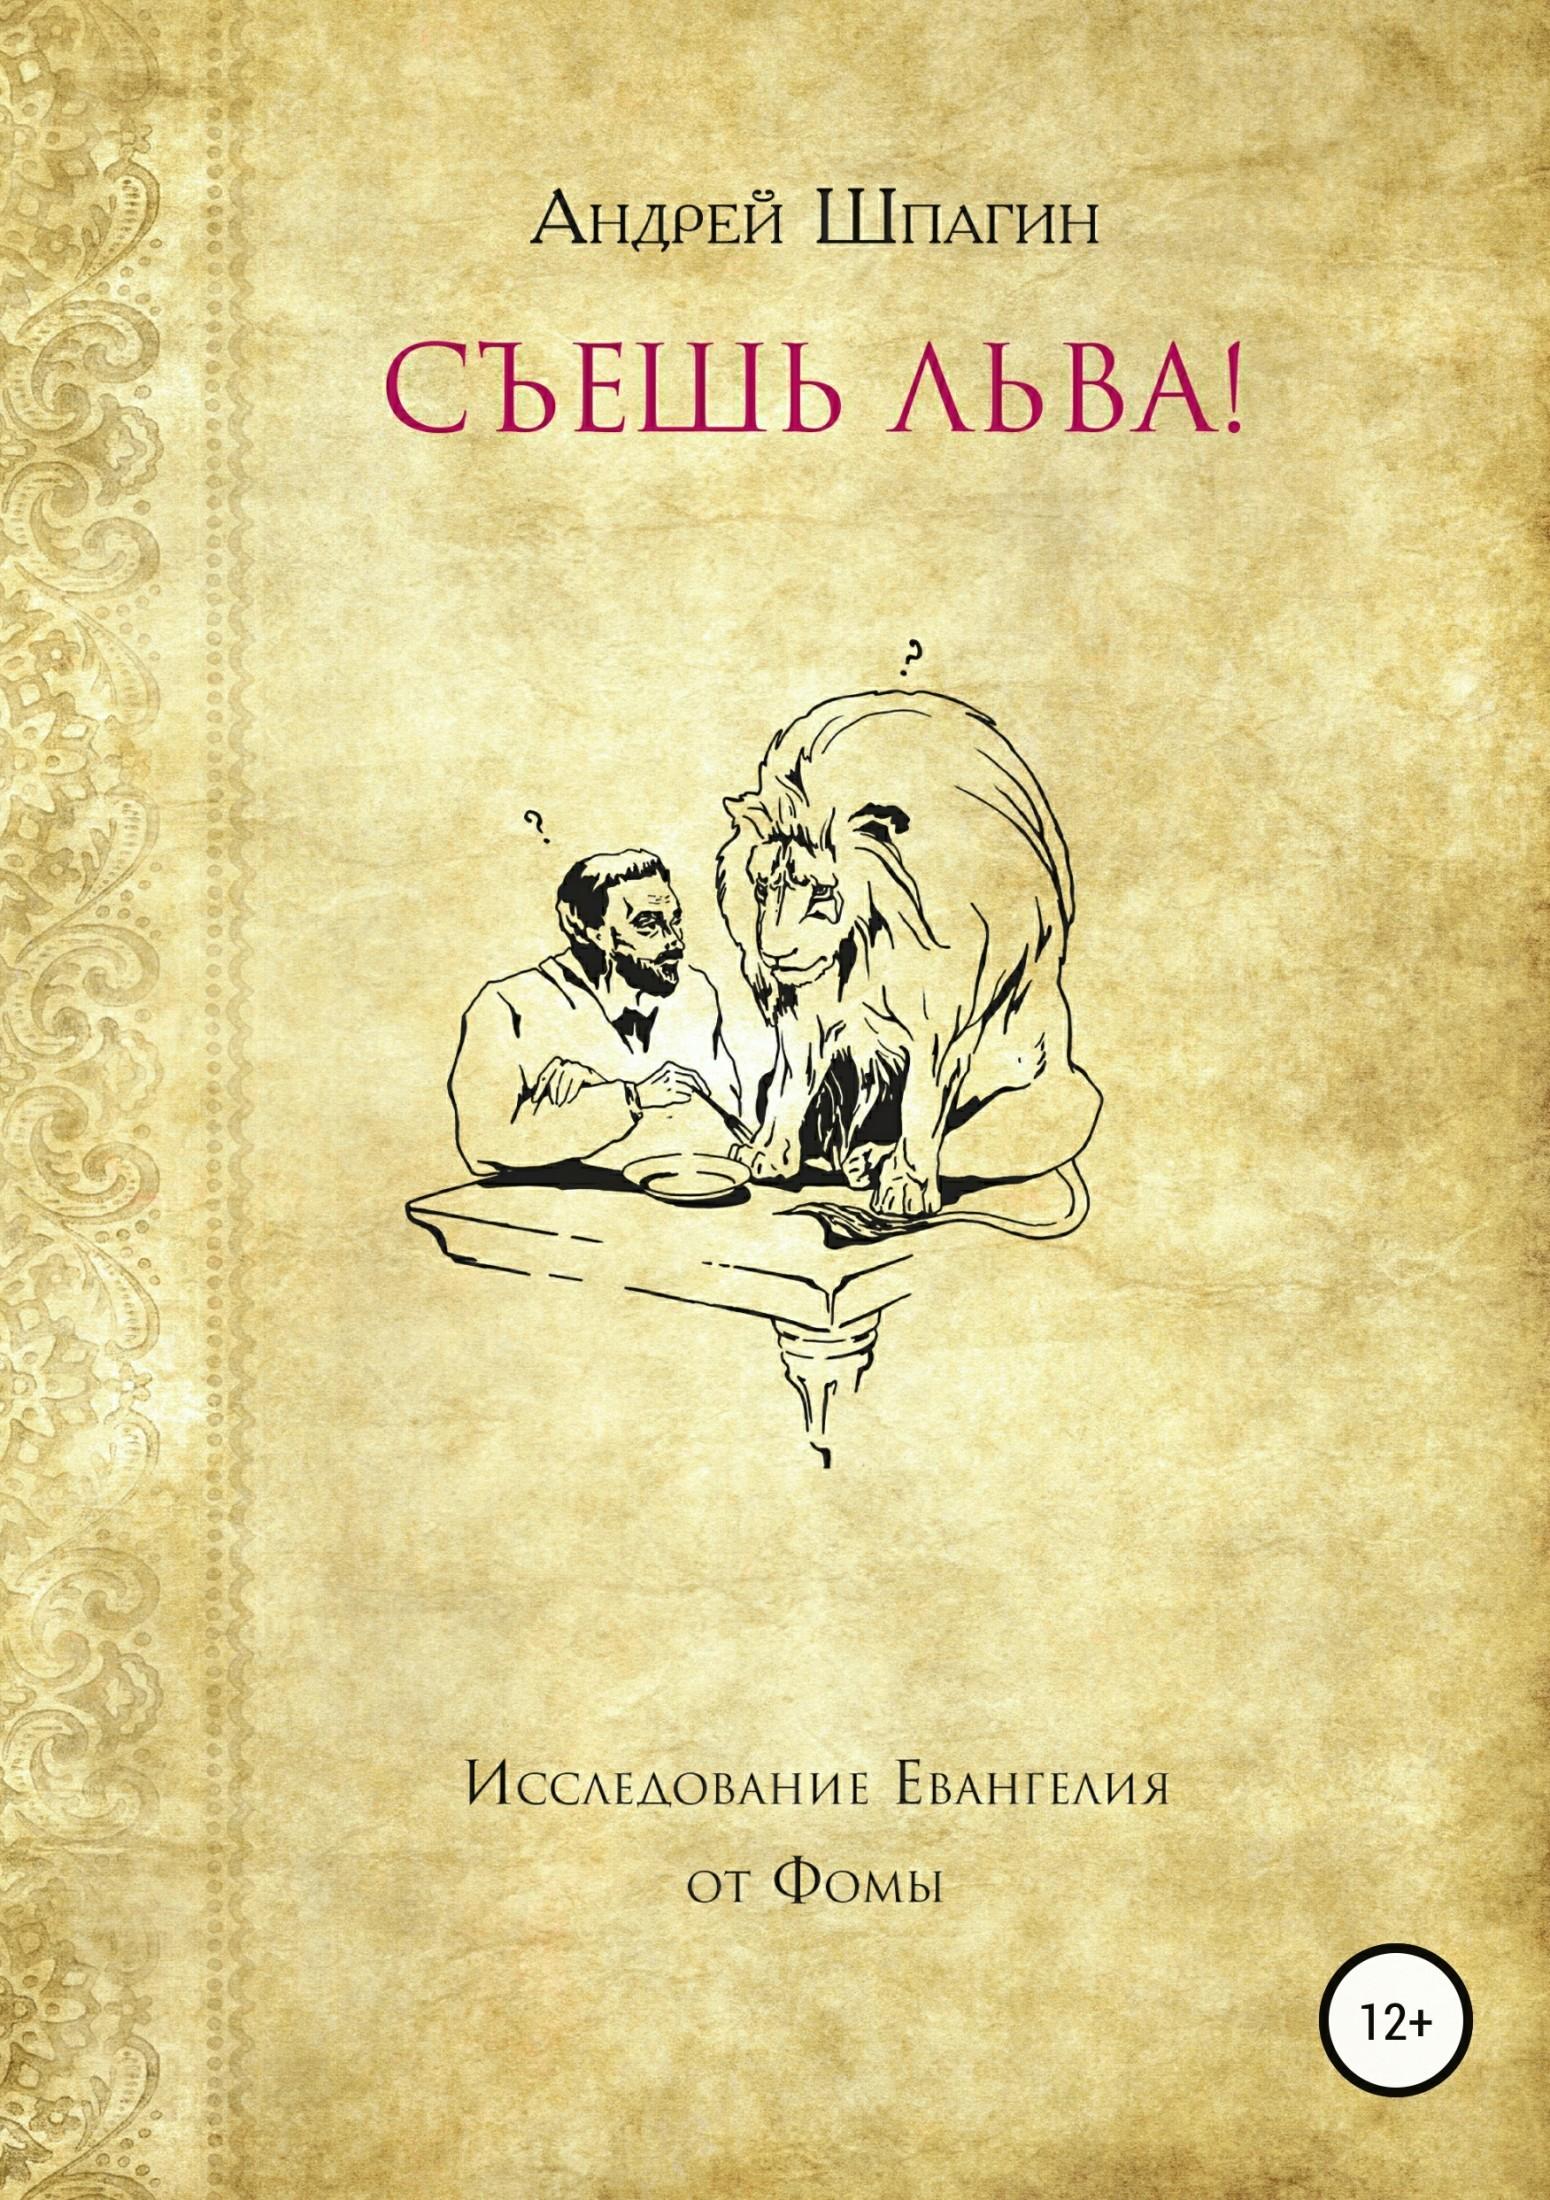 Андрей Владимирович Шпагин. Съешь льва! Исследование евангелия от Фомы